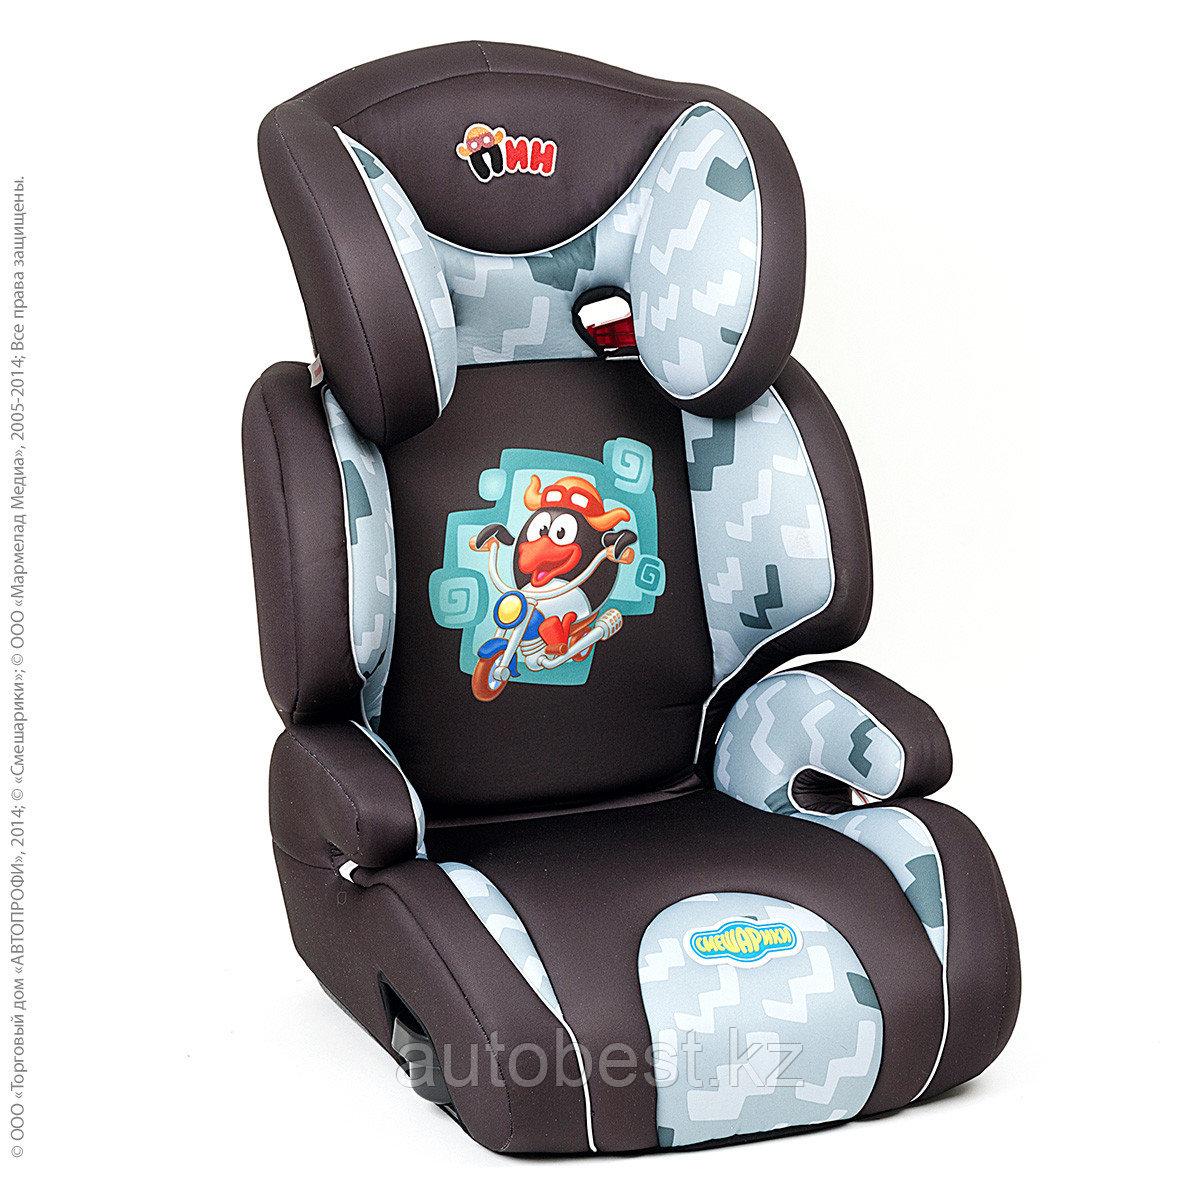 Детское кресло «Смешарики», группы  2/3 (15-36кг/3-12 года),с Пином, поролон 3 см, черн./тем. серый